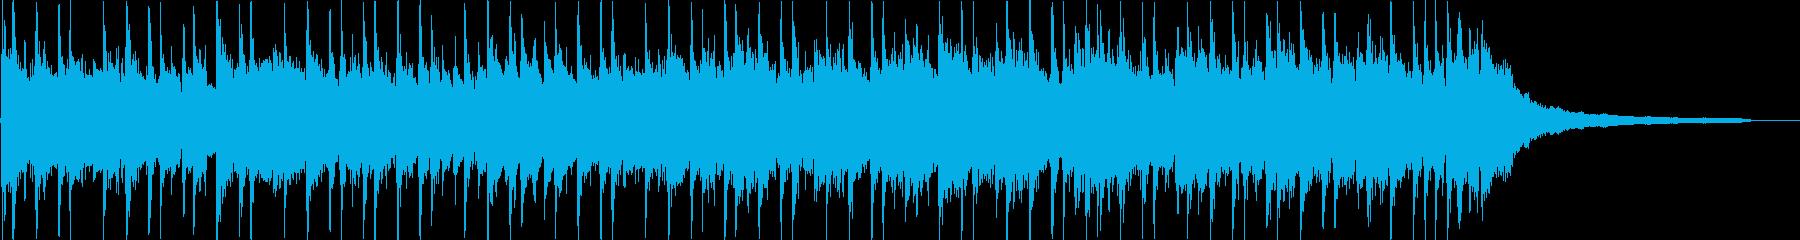 Upbeat vintage pop's reproduced waveform